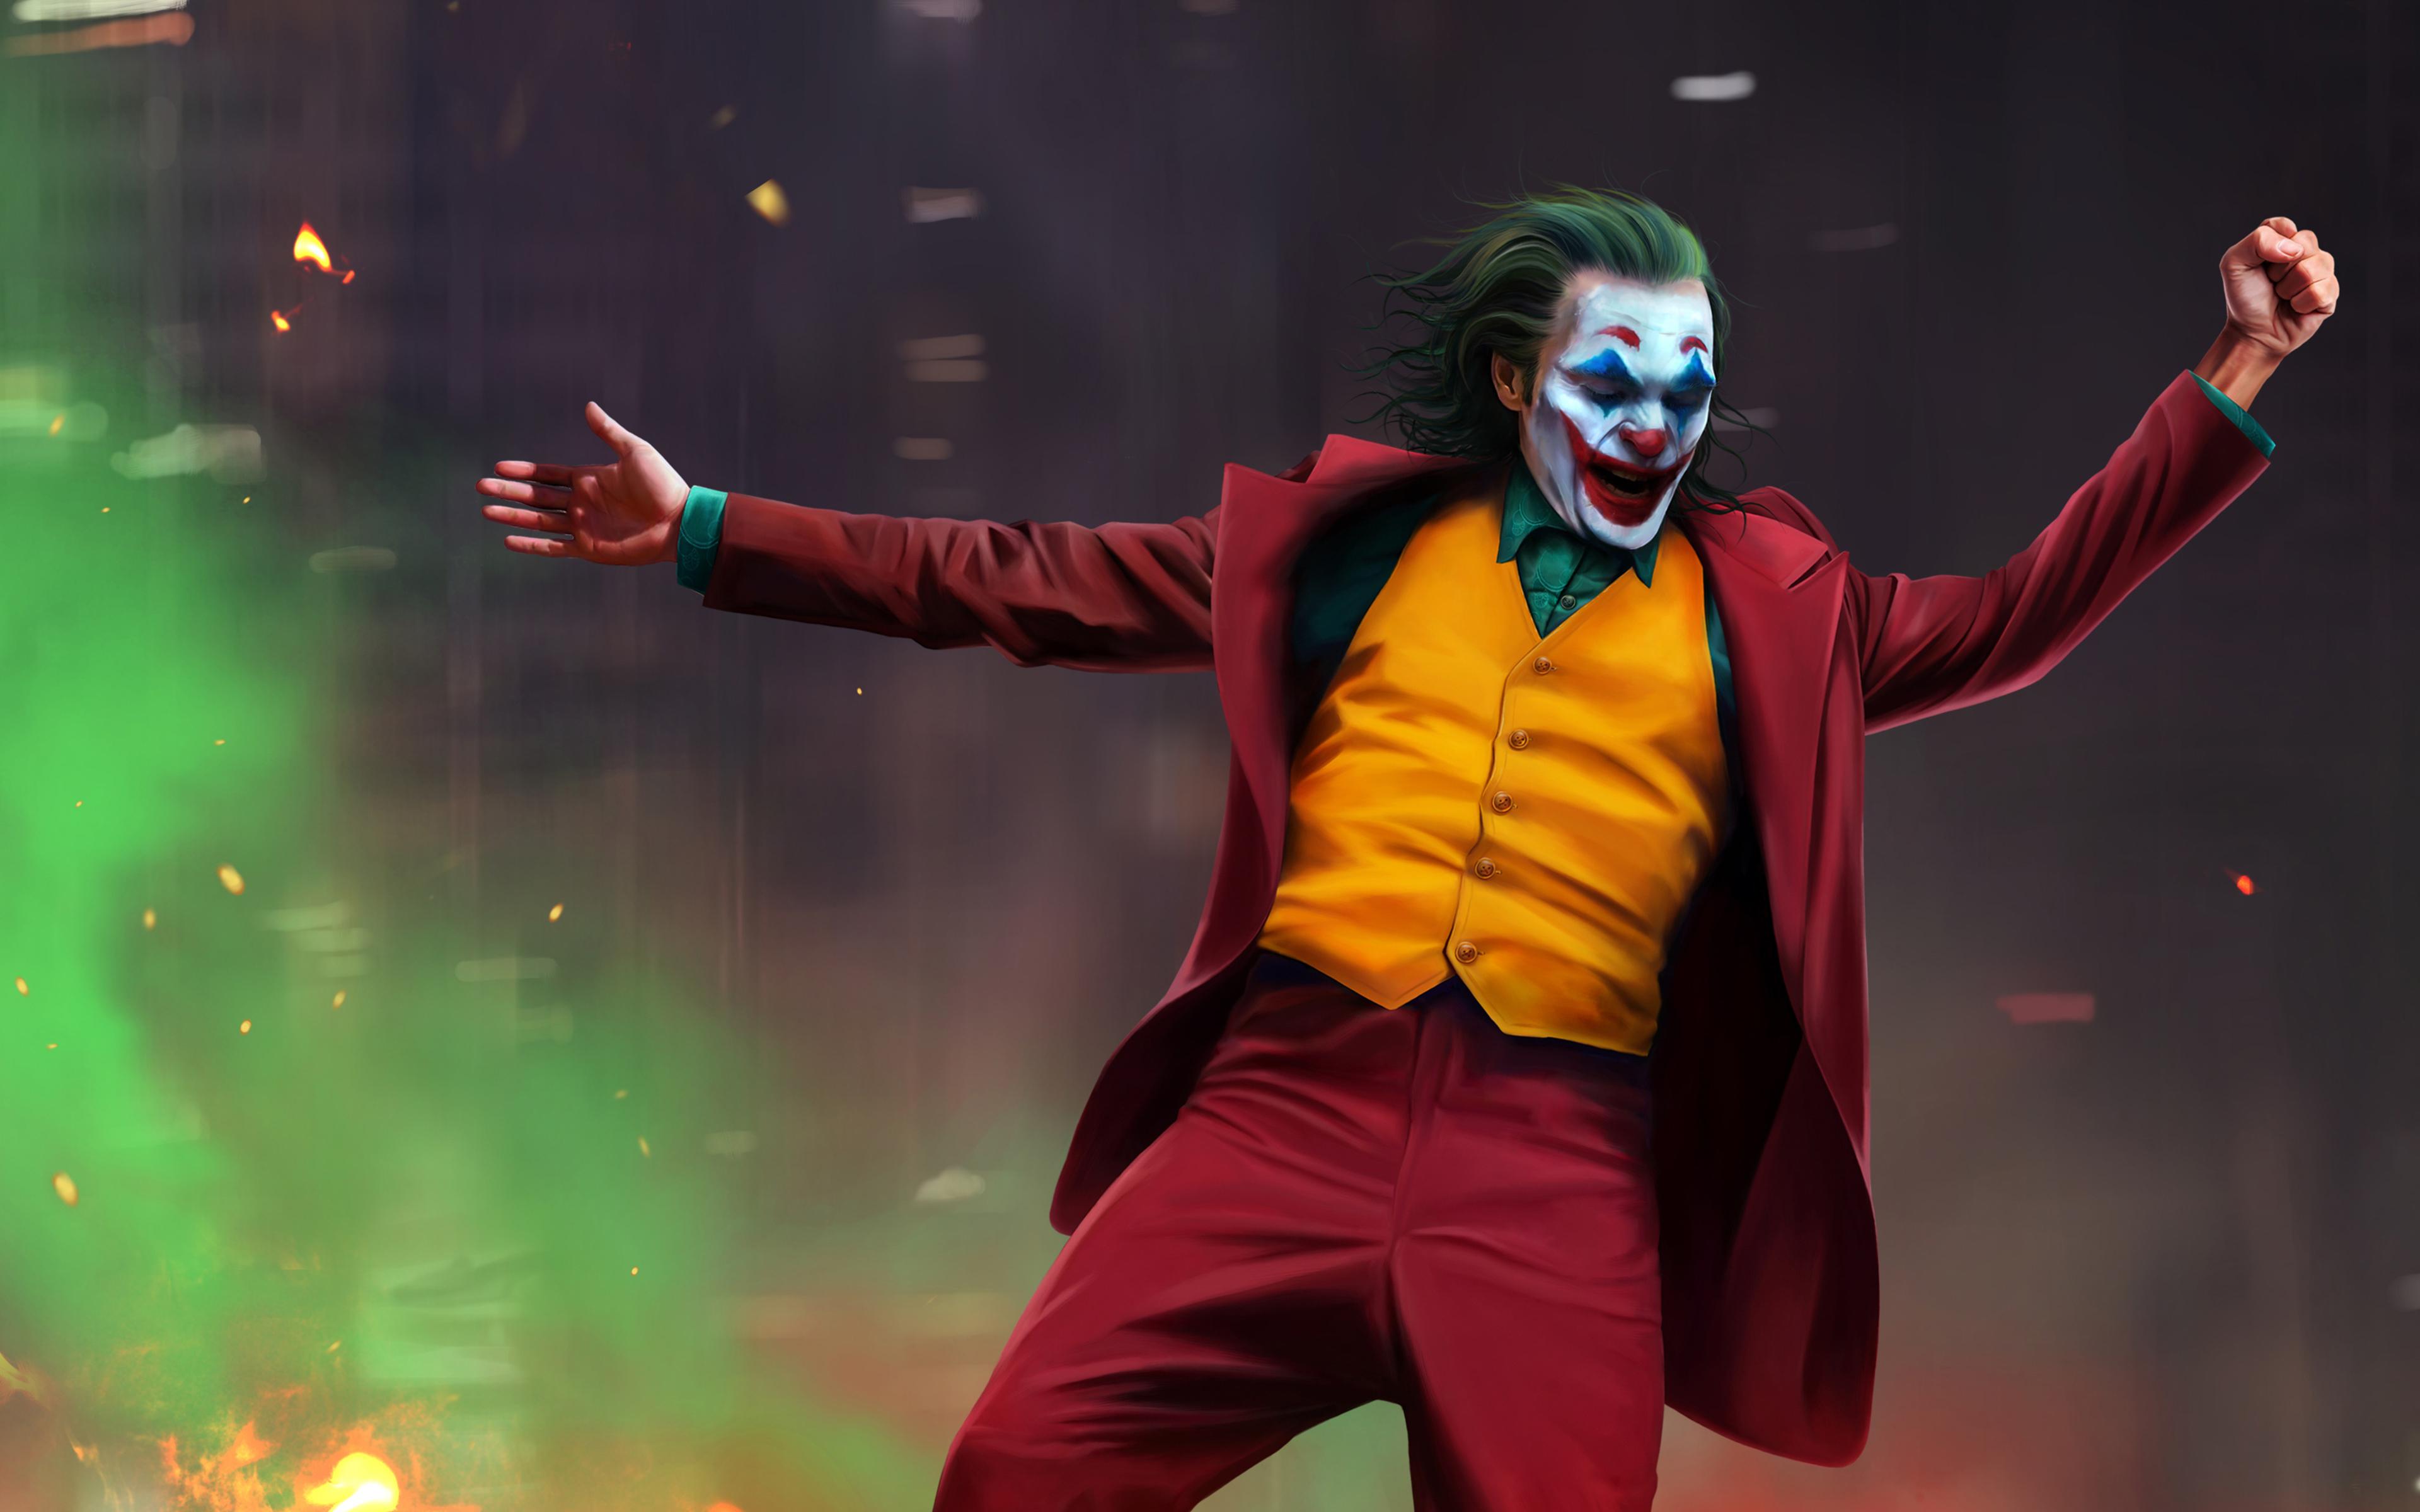 Joker 4k Wallpaper Posted By Ethan Walker